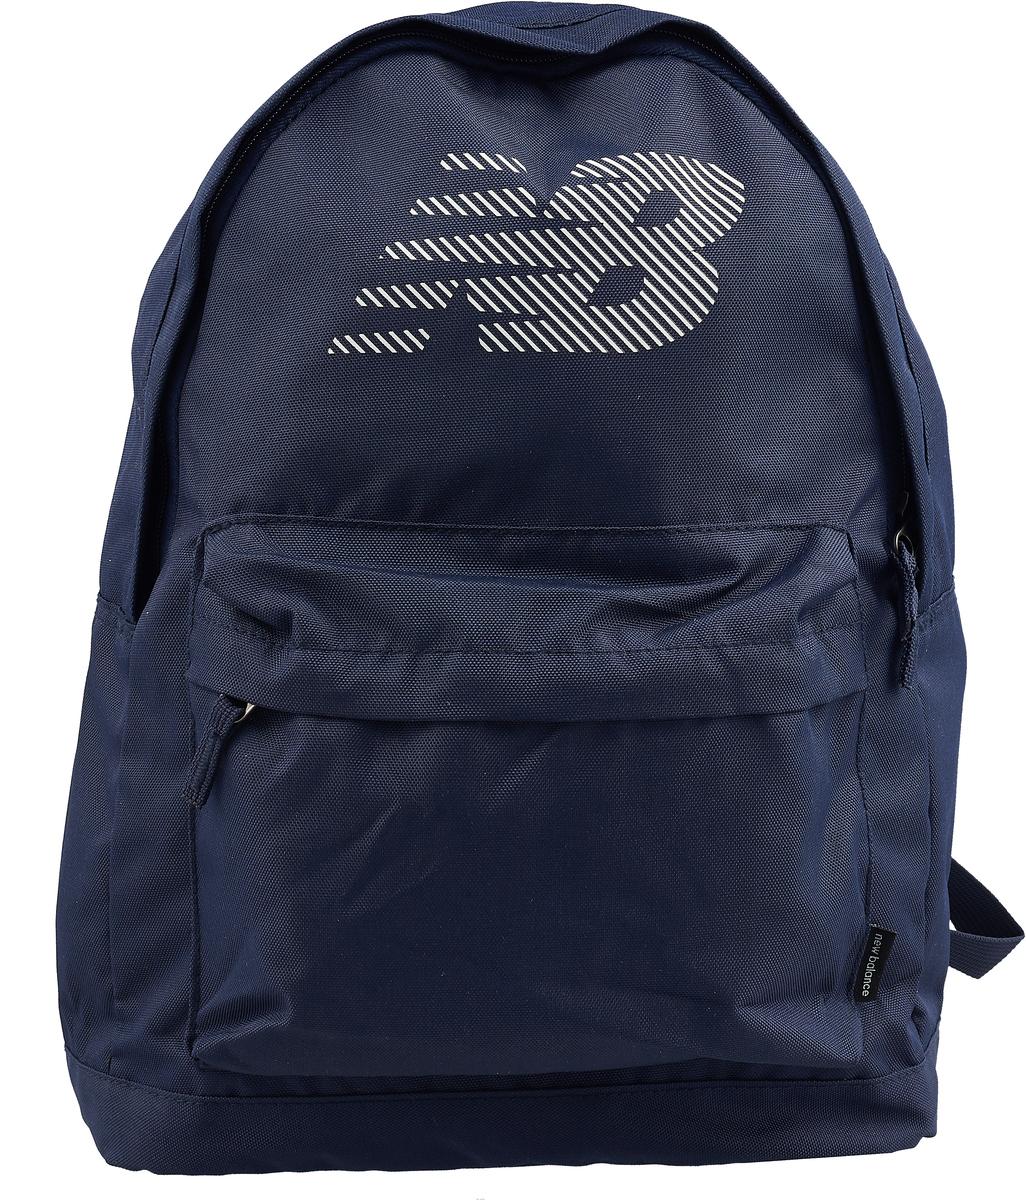 Рюкзак мужской New Balance, цвет: темно-синий. 500162/420